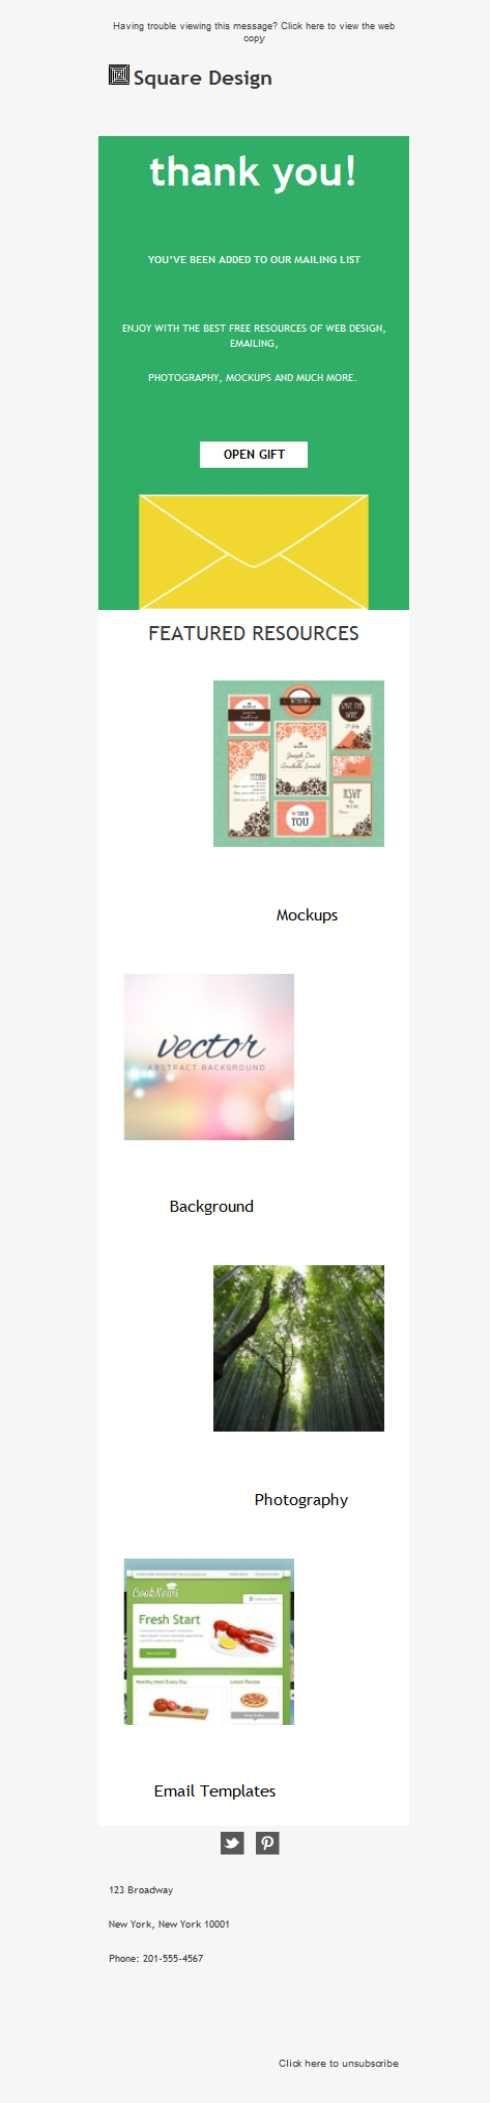 Da las gracias a tus contactos por contar con tu agencia de diseño gráfico enviándole plantillas newsletter como ésta. Con Mailify, es posible.